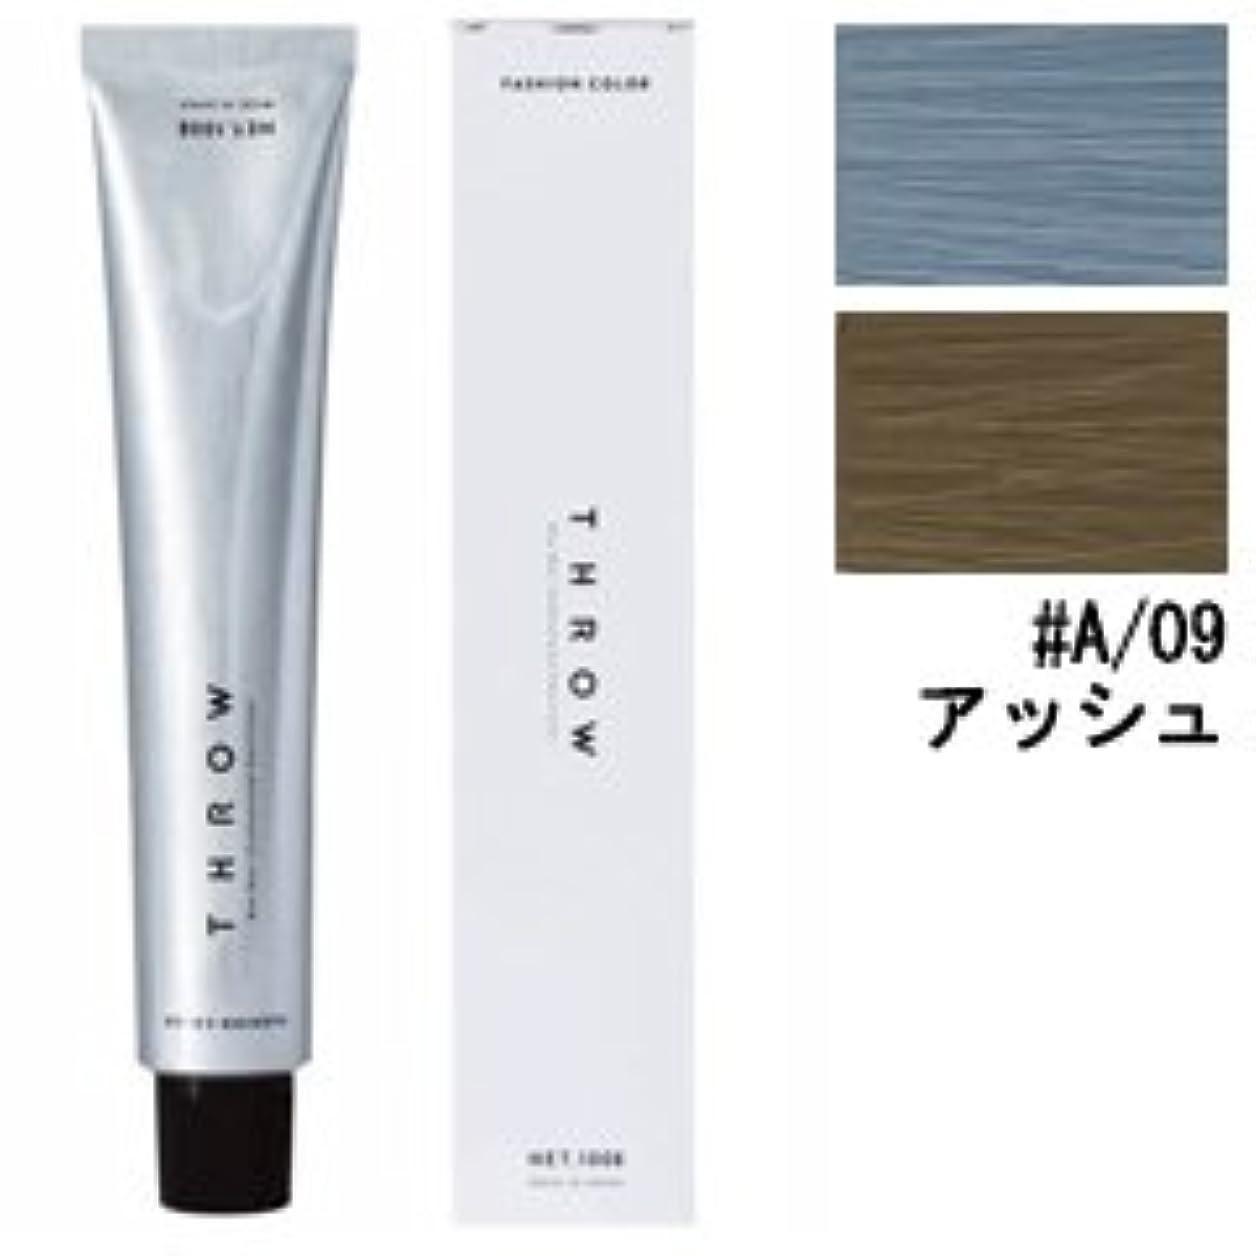 オーバーフローエラー改革【モルトベーネ】スロウ ファッションカラー #A/09 アッシュ 100g